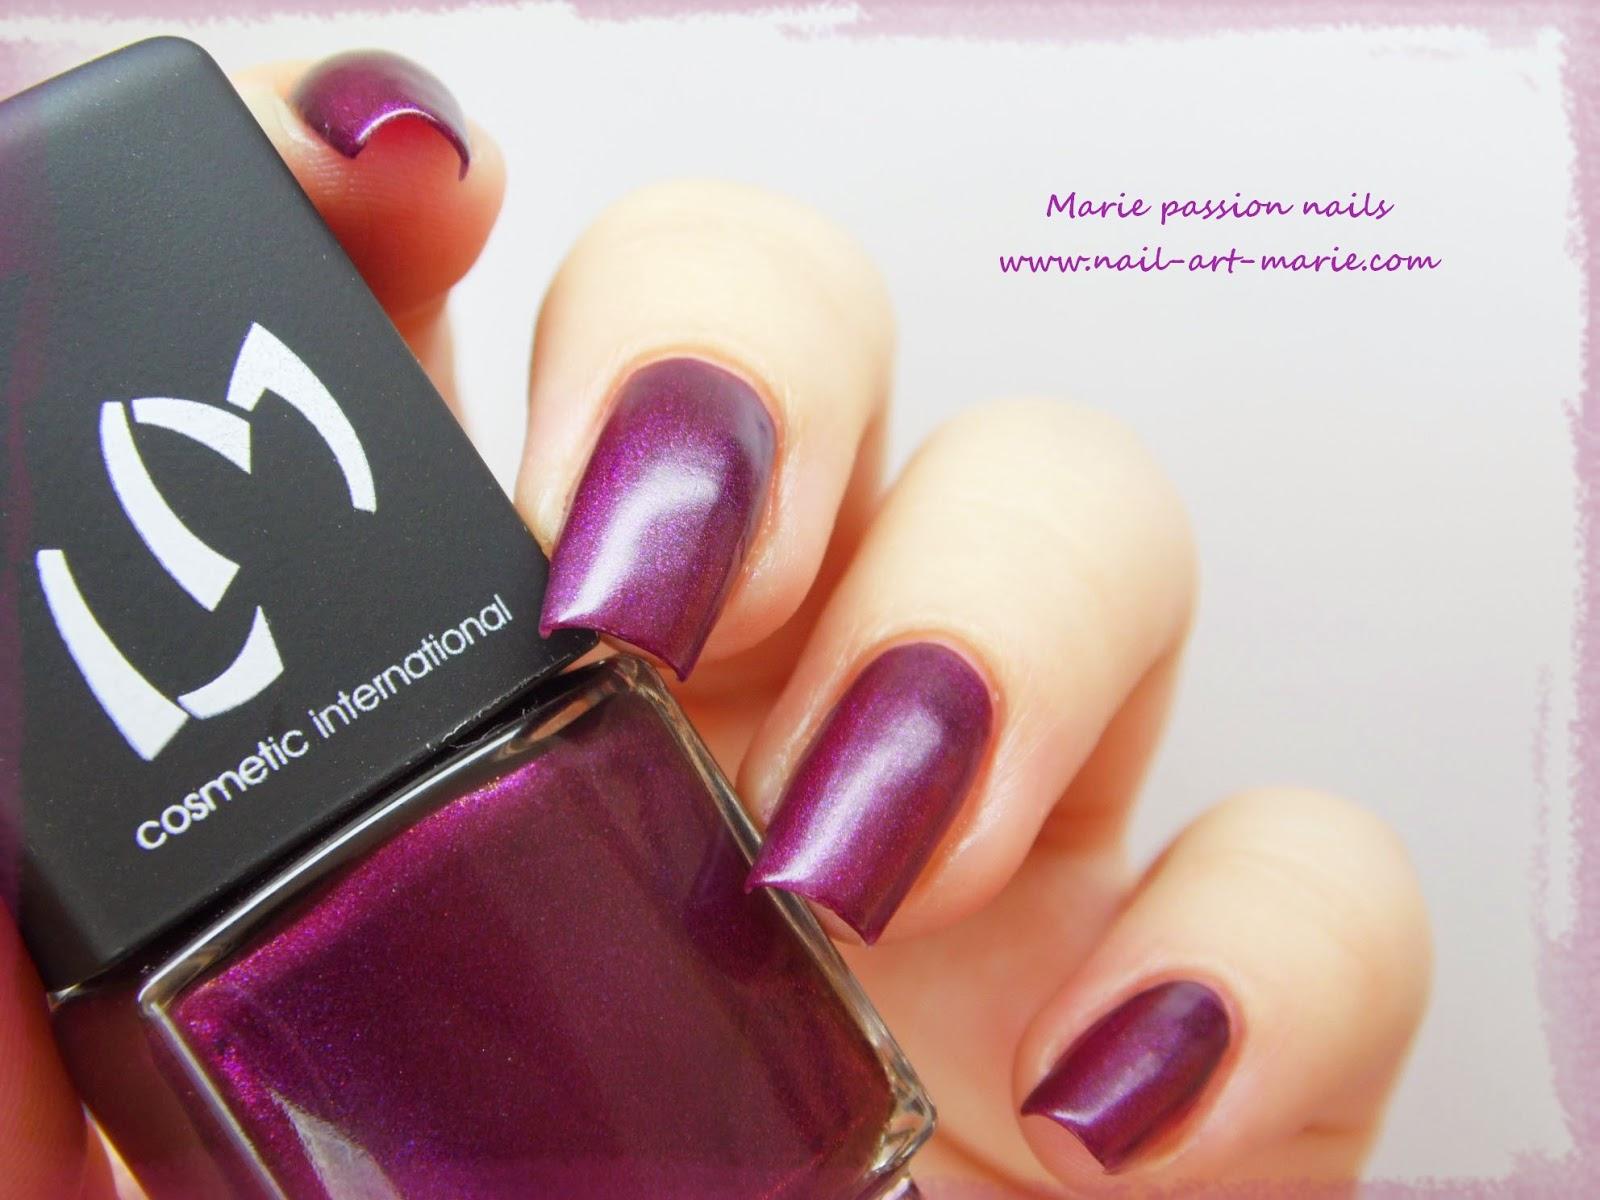 LM Cosmetic Veloura7